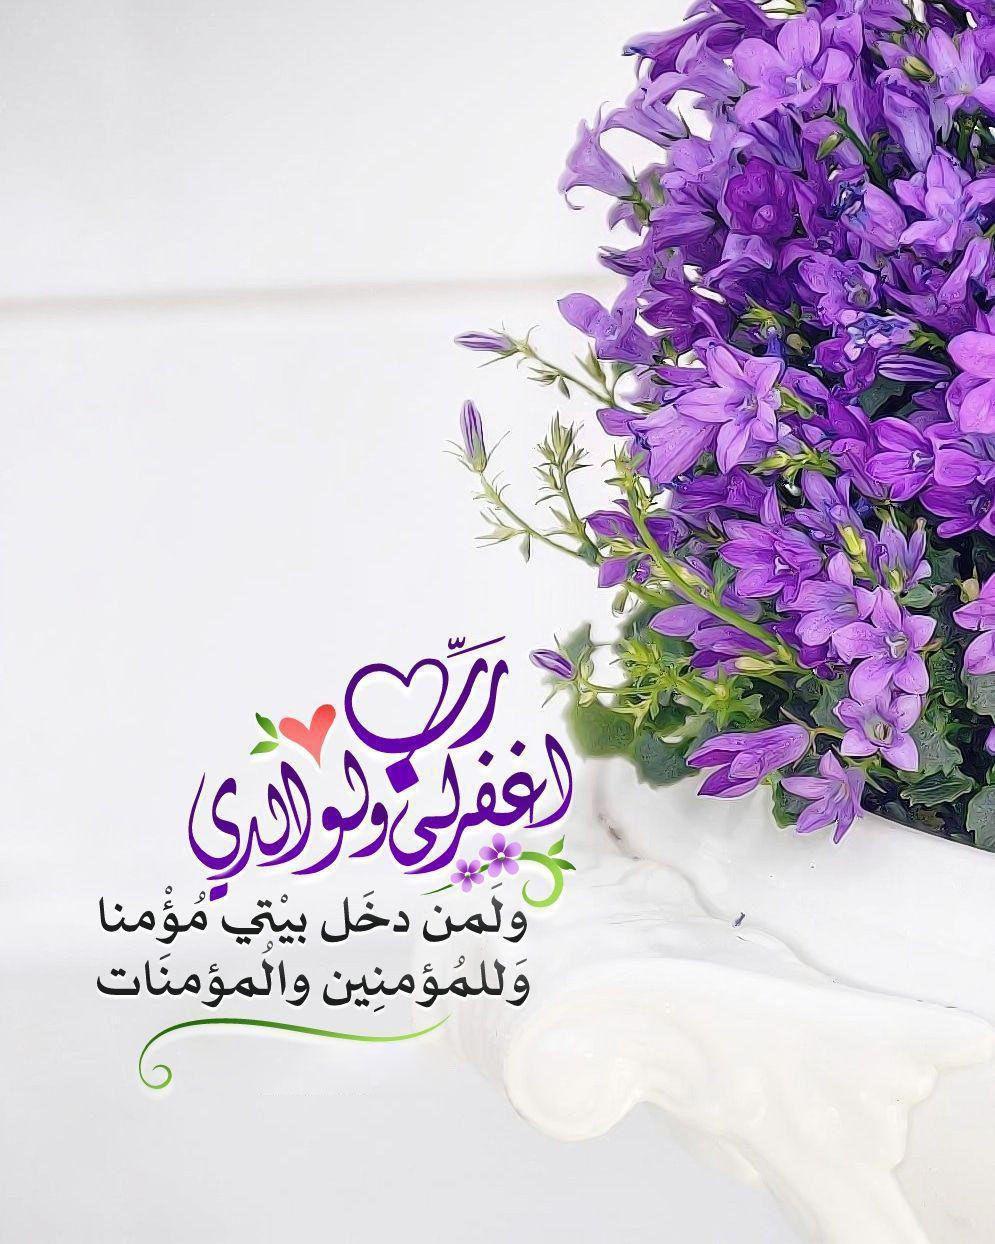 صور صور ادعية اسلامية جميلة , ادعيه نتقرب بها الى الله تعالى